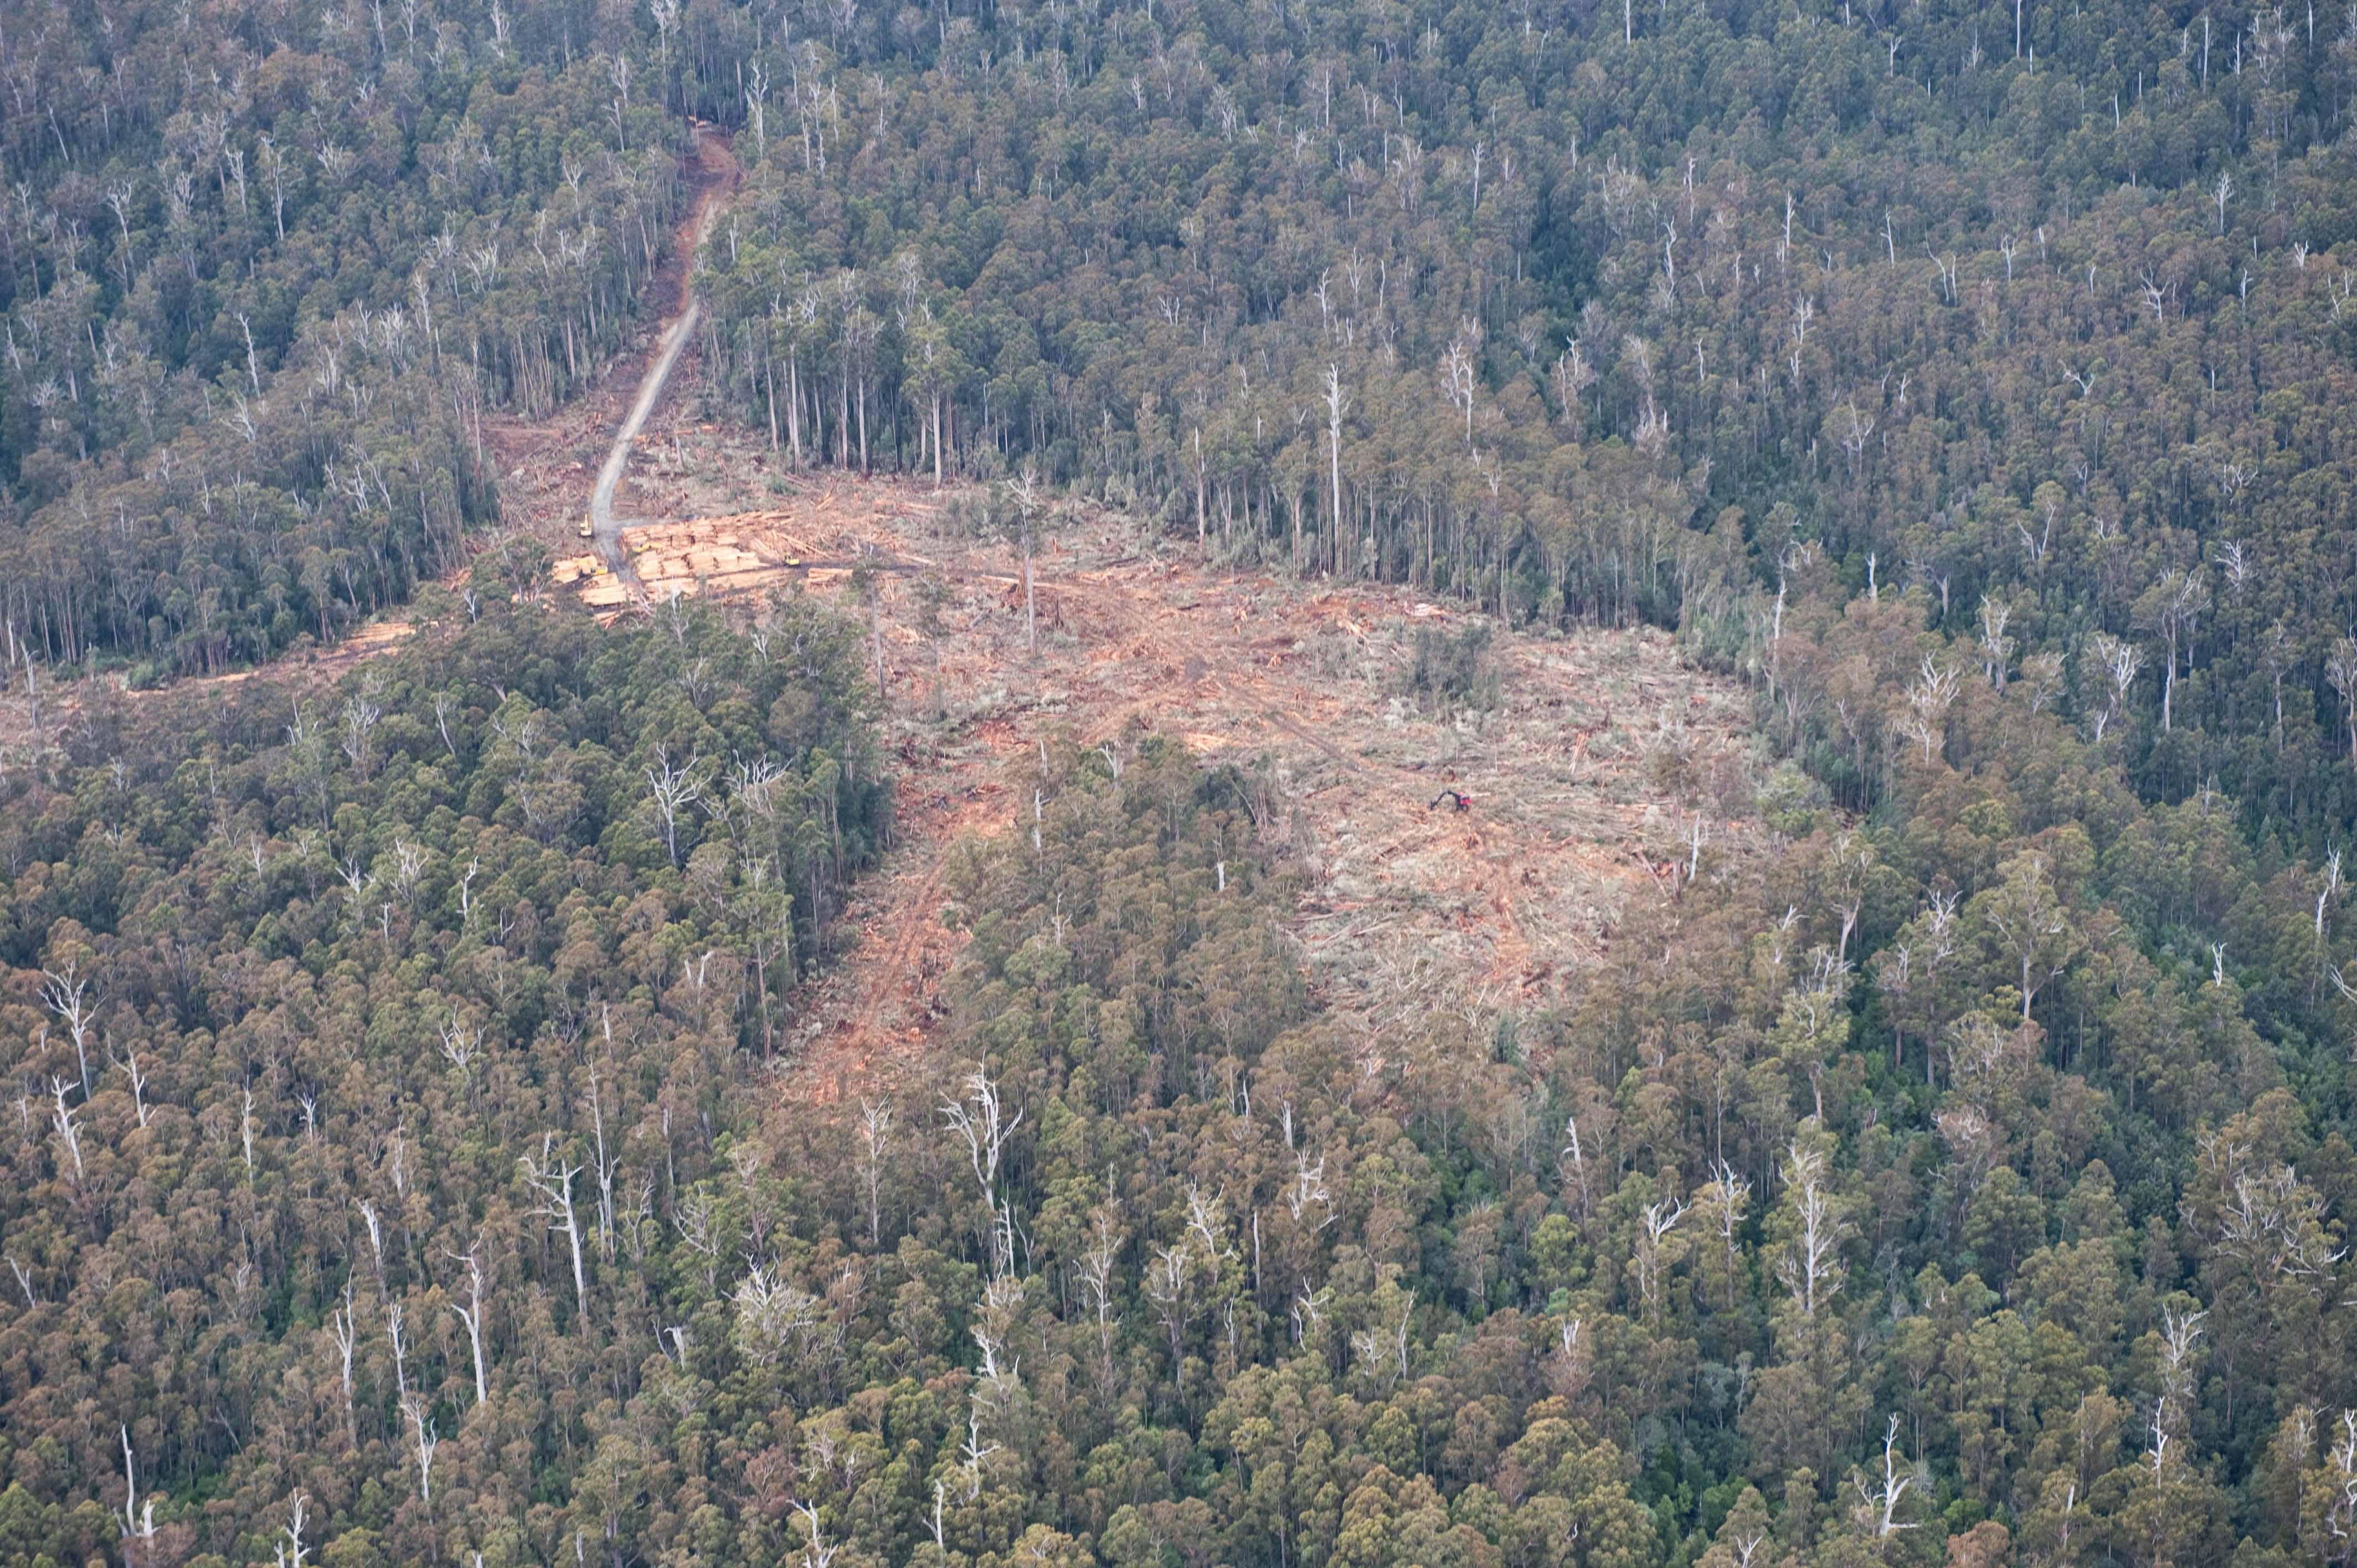 Hasil gambar untuk logged over area